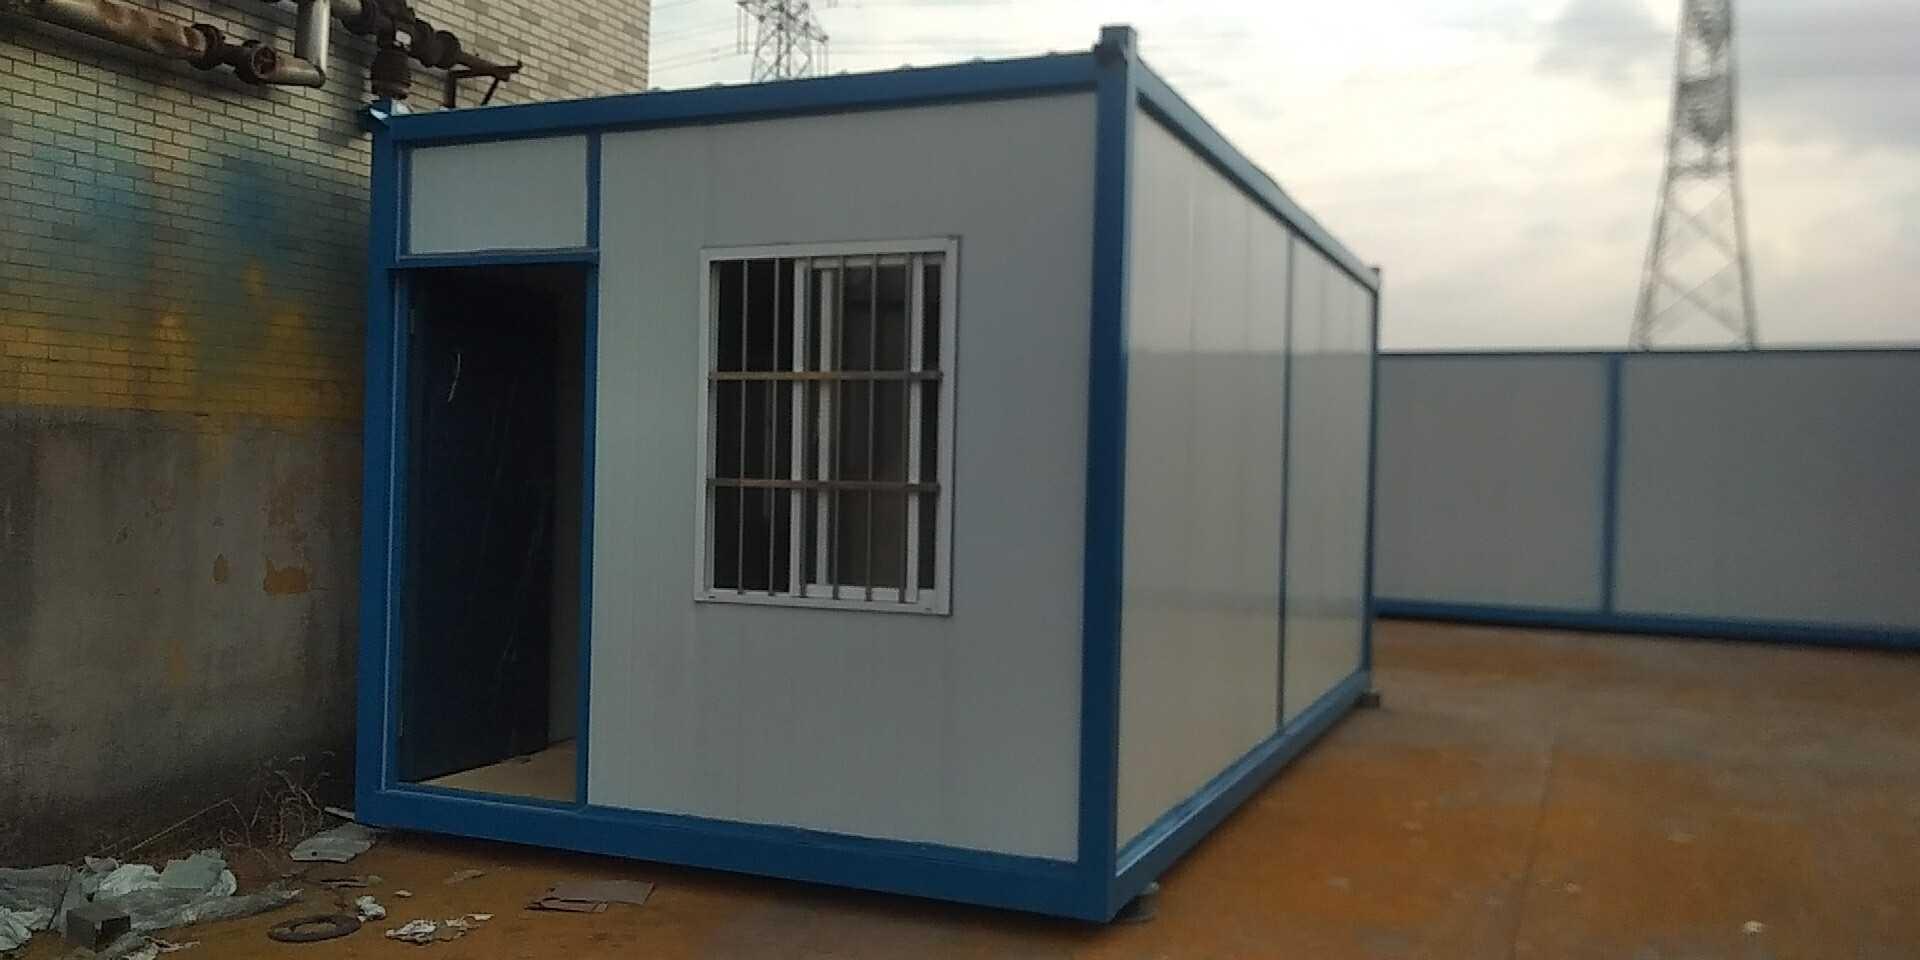 柯桥住人集装箱房屋,供应专业生产加工批发厂家直销